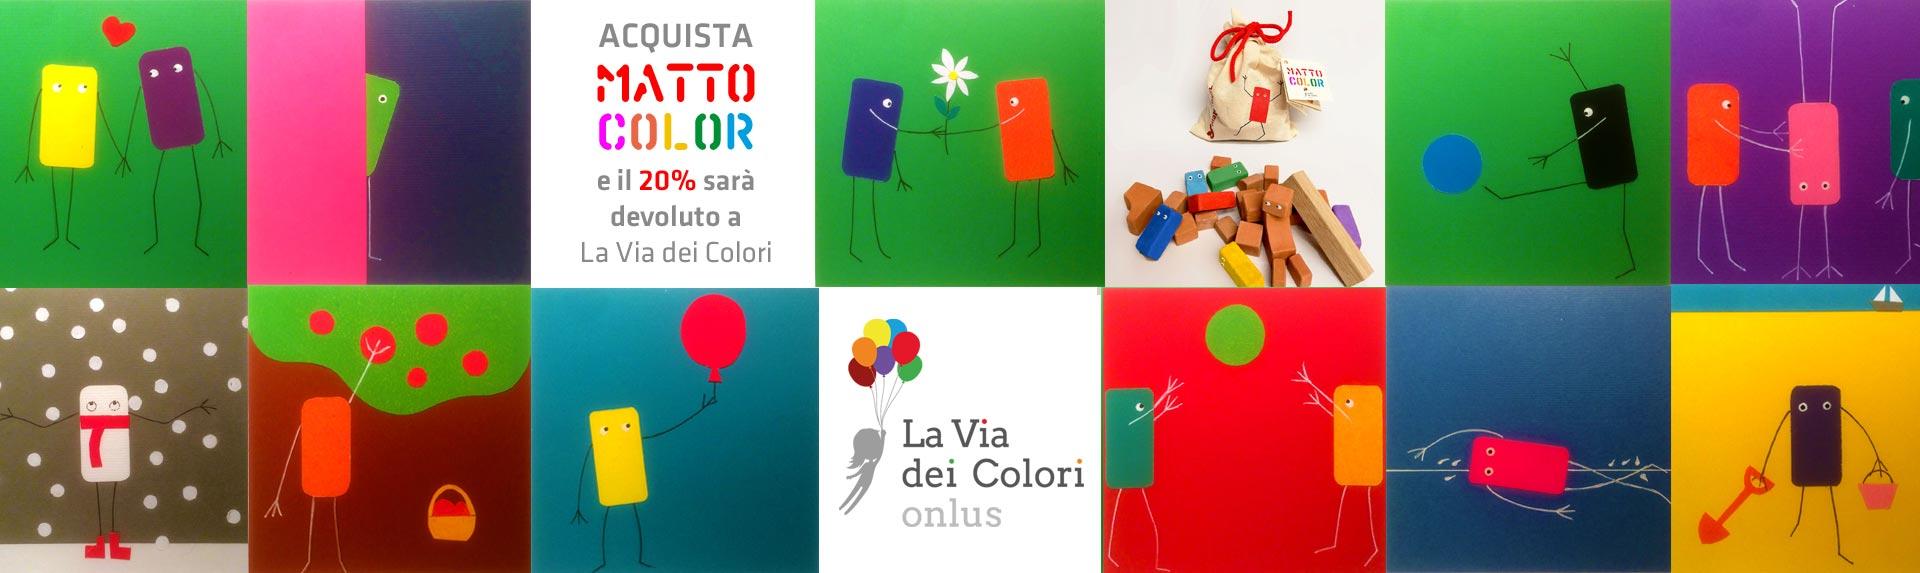 slide matto La via dei colori gioco educativo